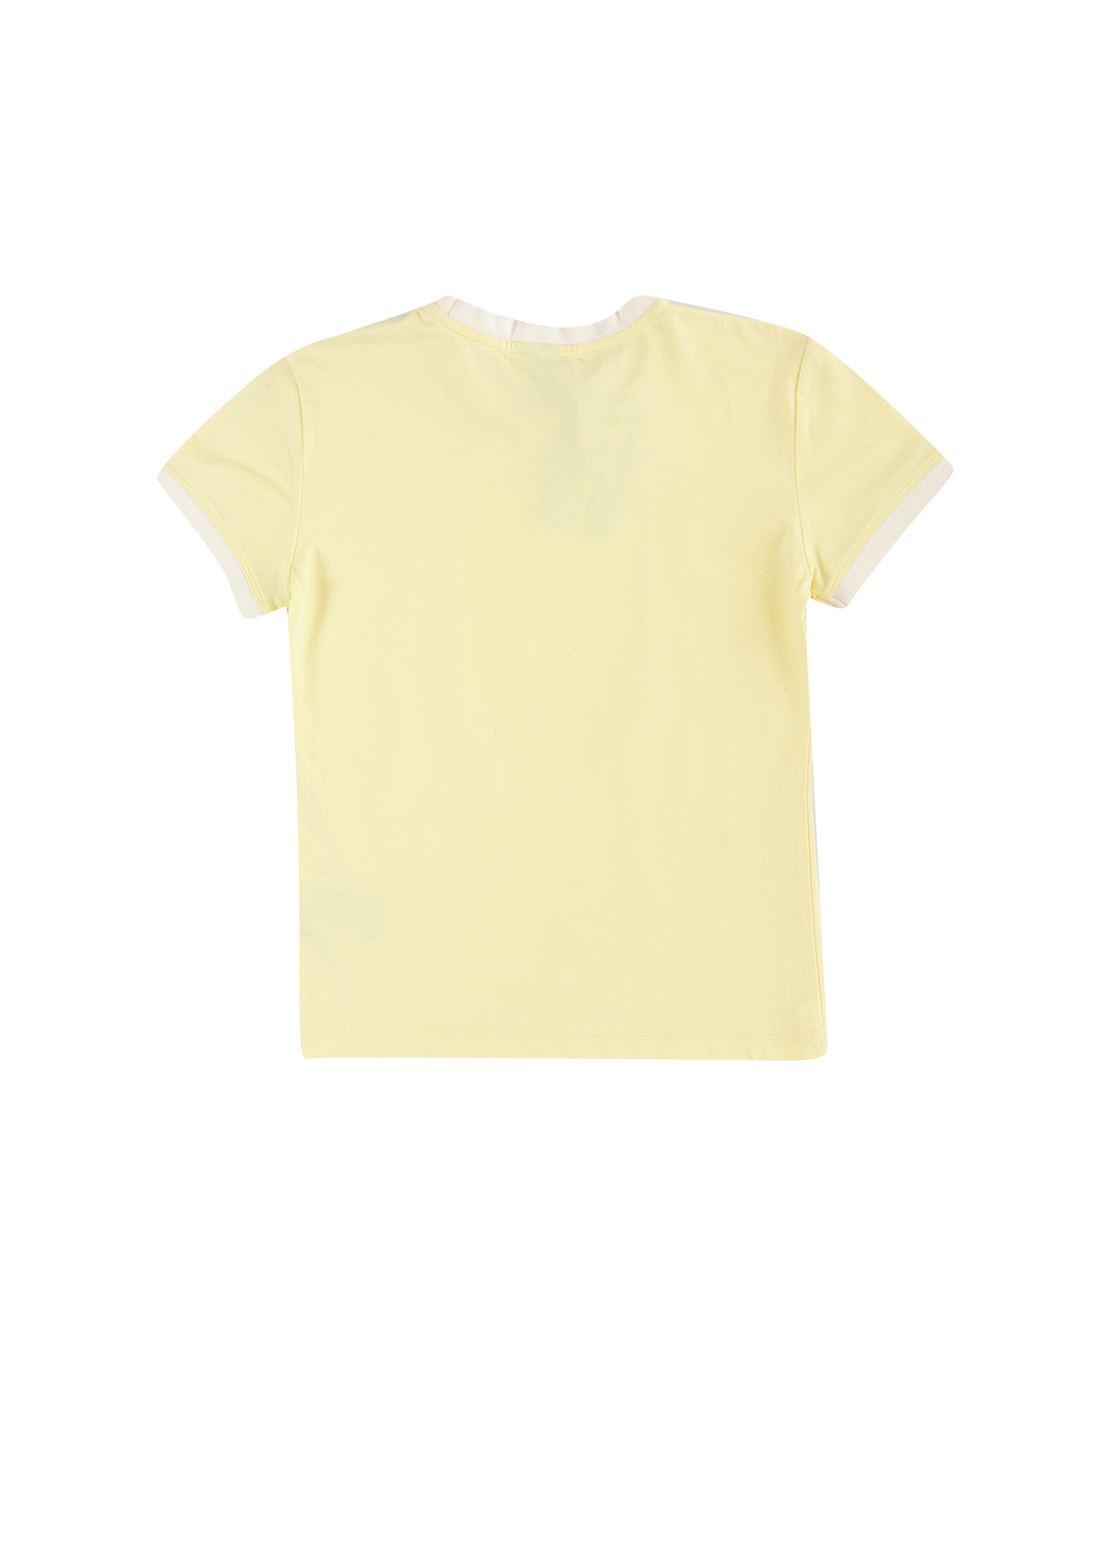 Γυναικεία Μπλούζα CONVERSEφωτογραφία1  Γυναικεία Μπλούζα  CONVERSEφωτογραφία2. Γυναικεία Μπλούζα CONVERSE 3fafd99f54a